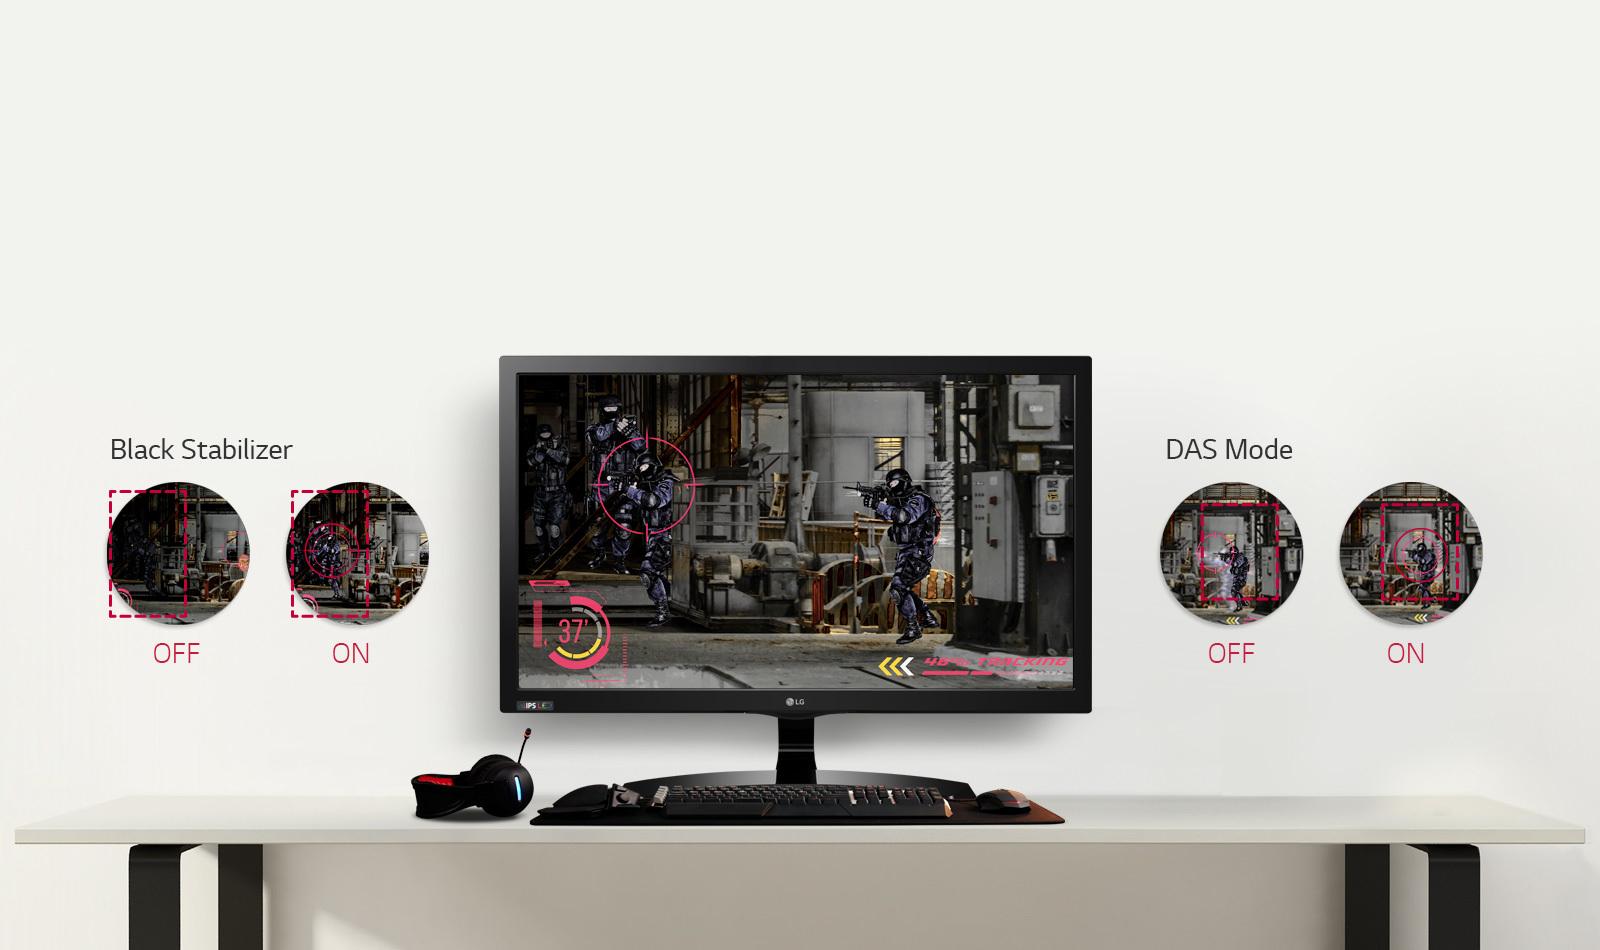 lg 28mt48df pz cl google chrome cast v3 pas cher achat vente tv led 32 39 39 et moins aucune. Black Bedroom Furniture Sets. Home Design Ideas